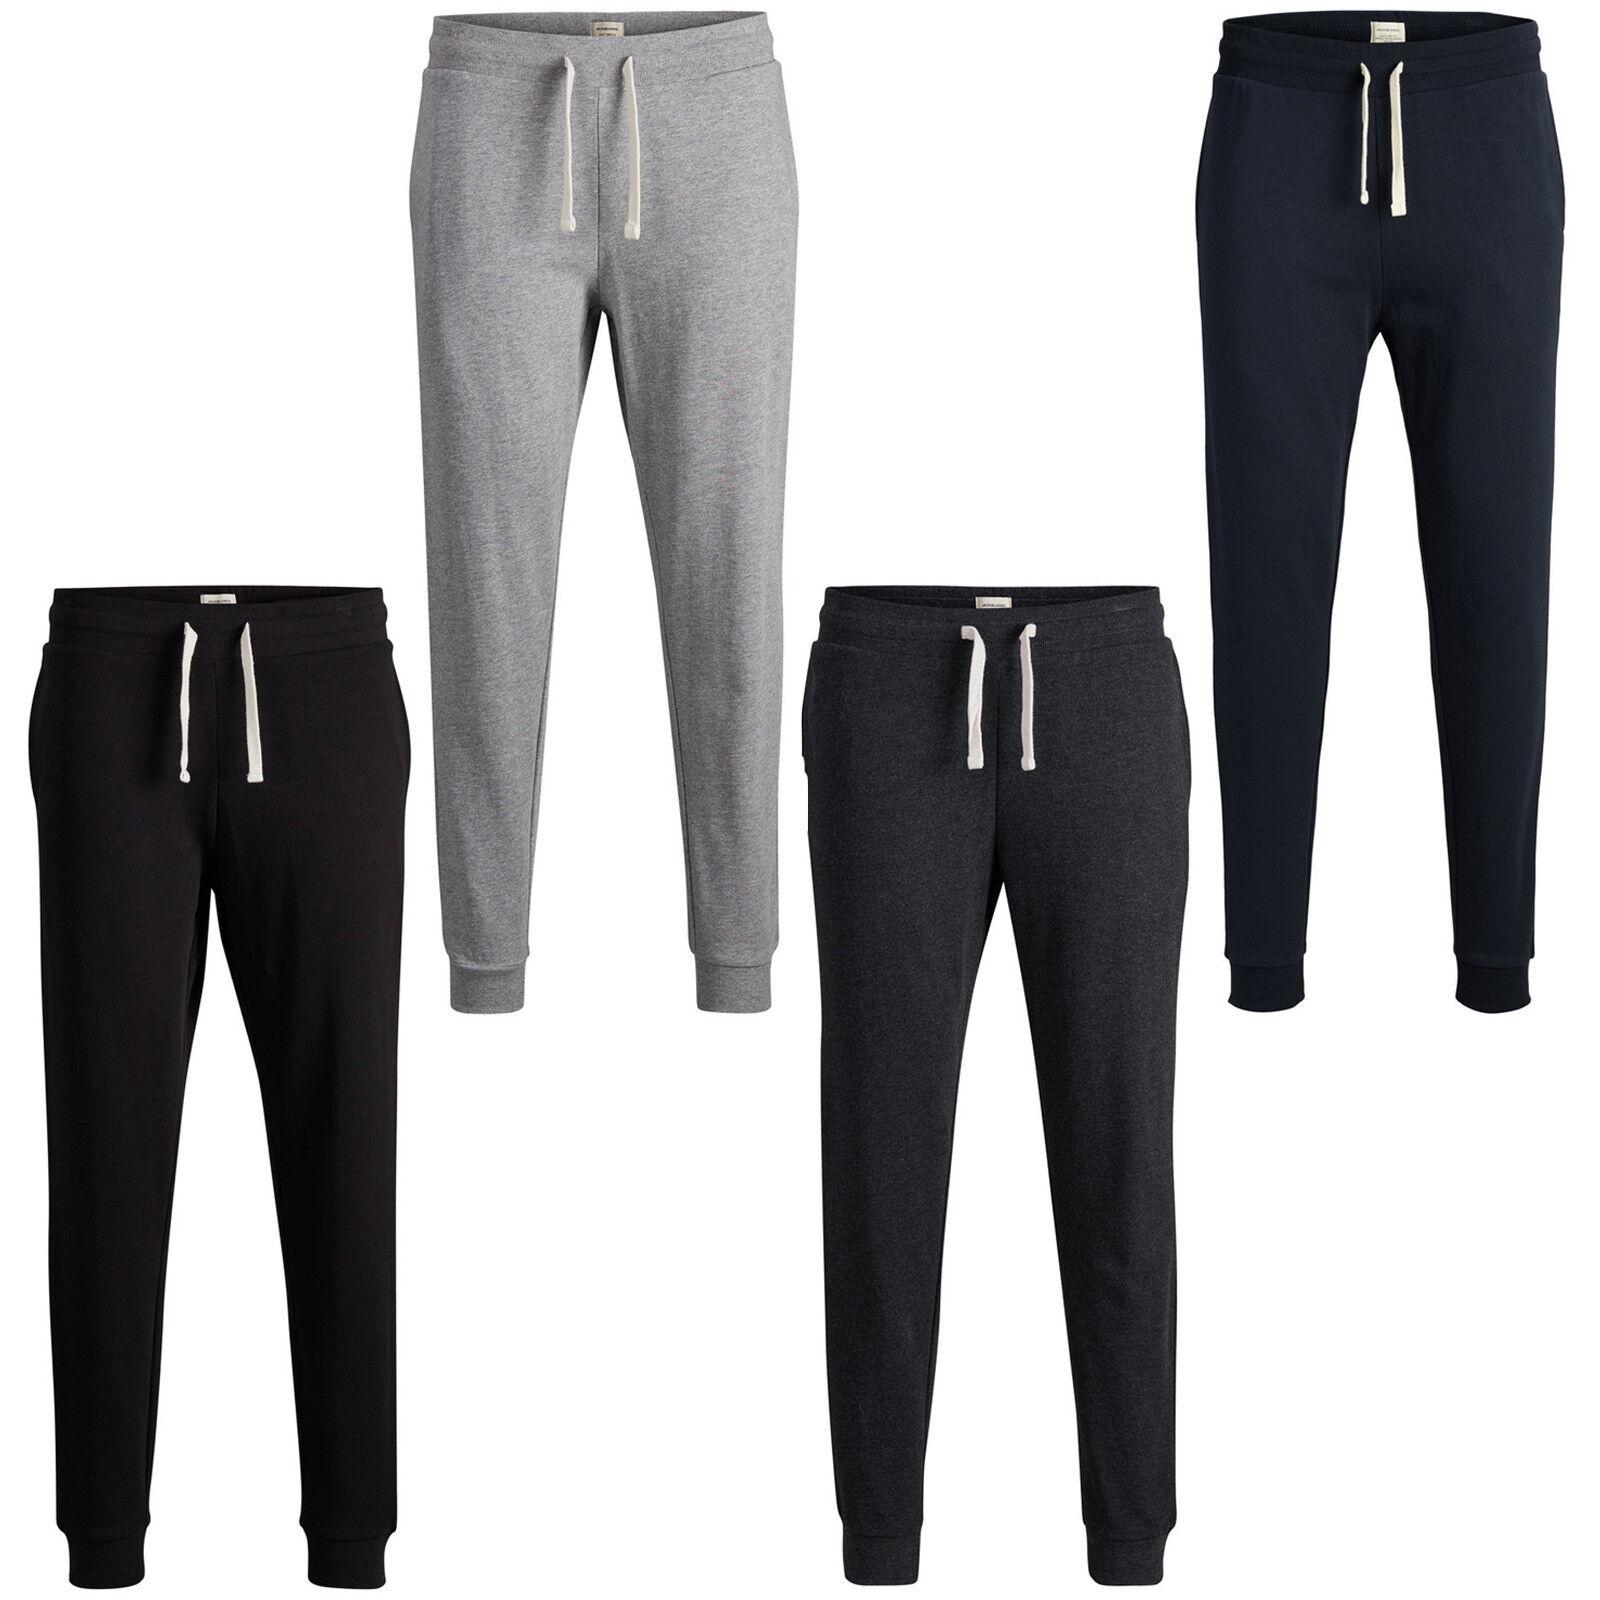 Jack & Jones Essentials Sweat Homme Pantalon Homme Sweat Décontracté Gym Fitness Pantalon De Survêtement jjeholmen a89604